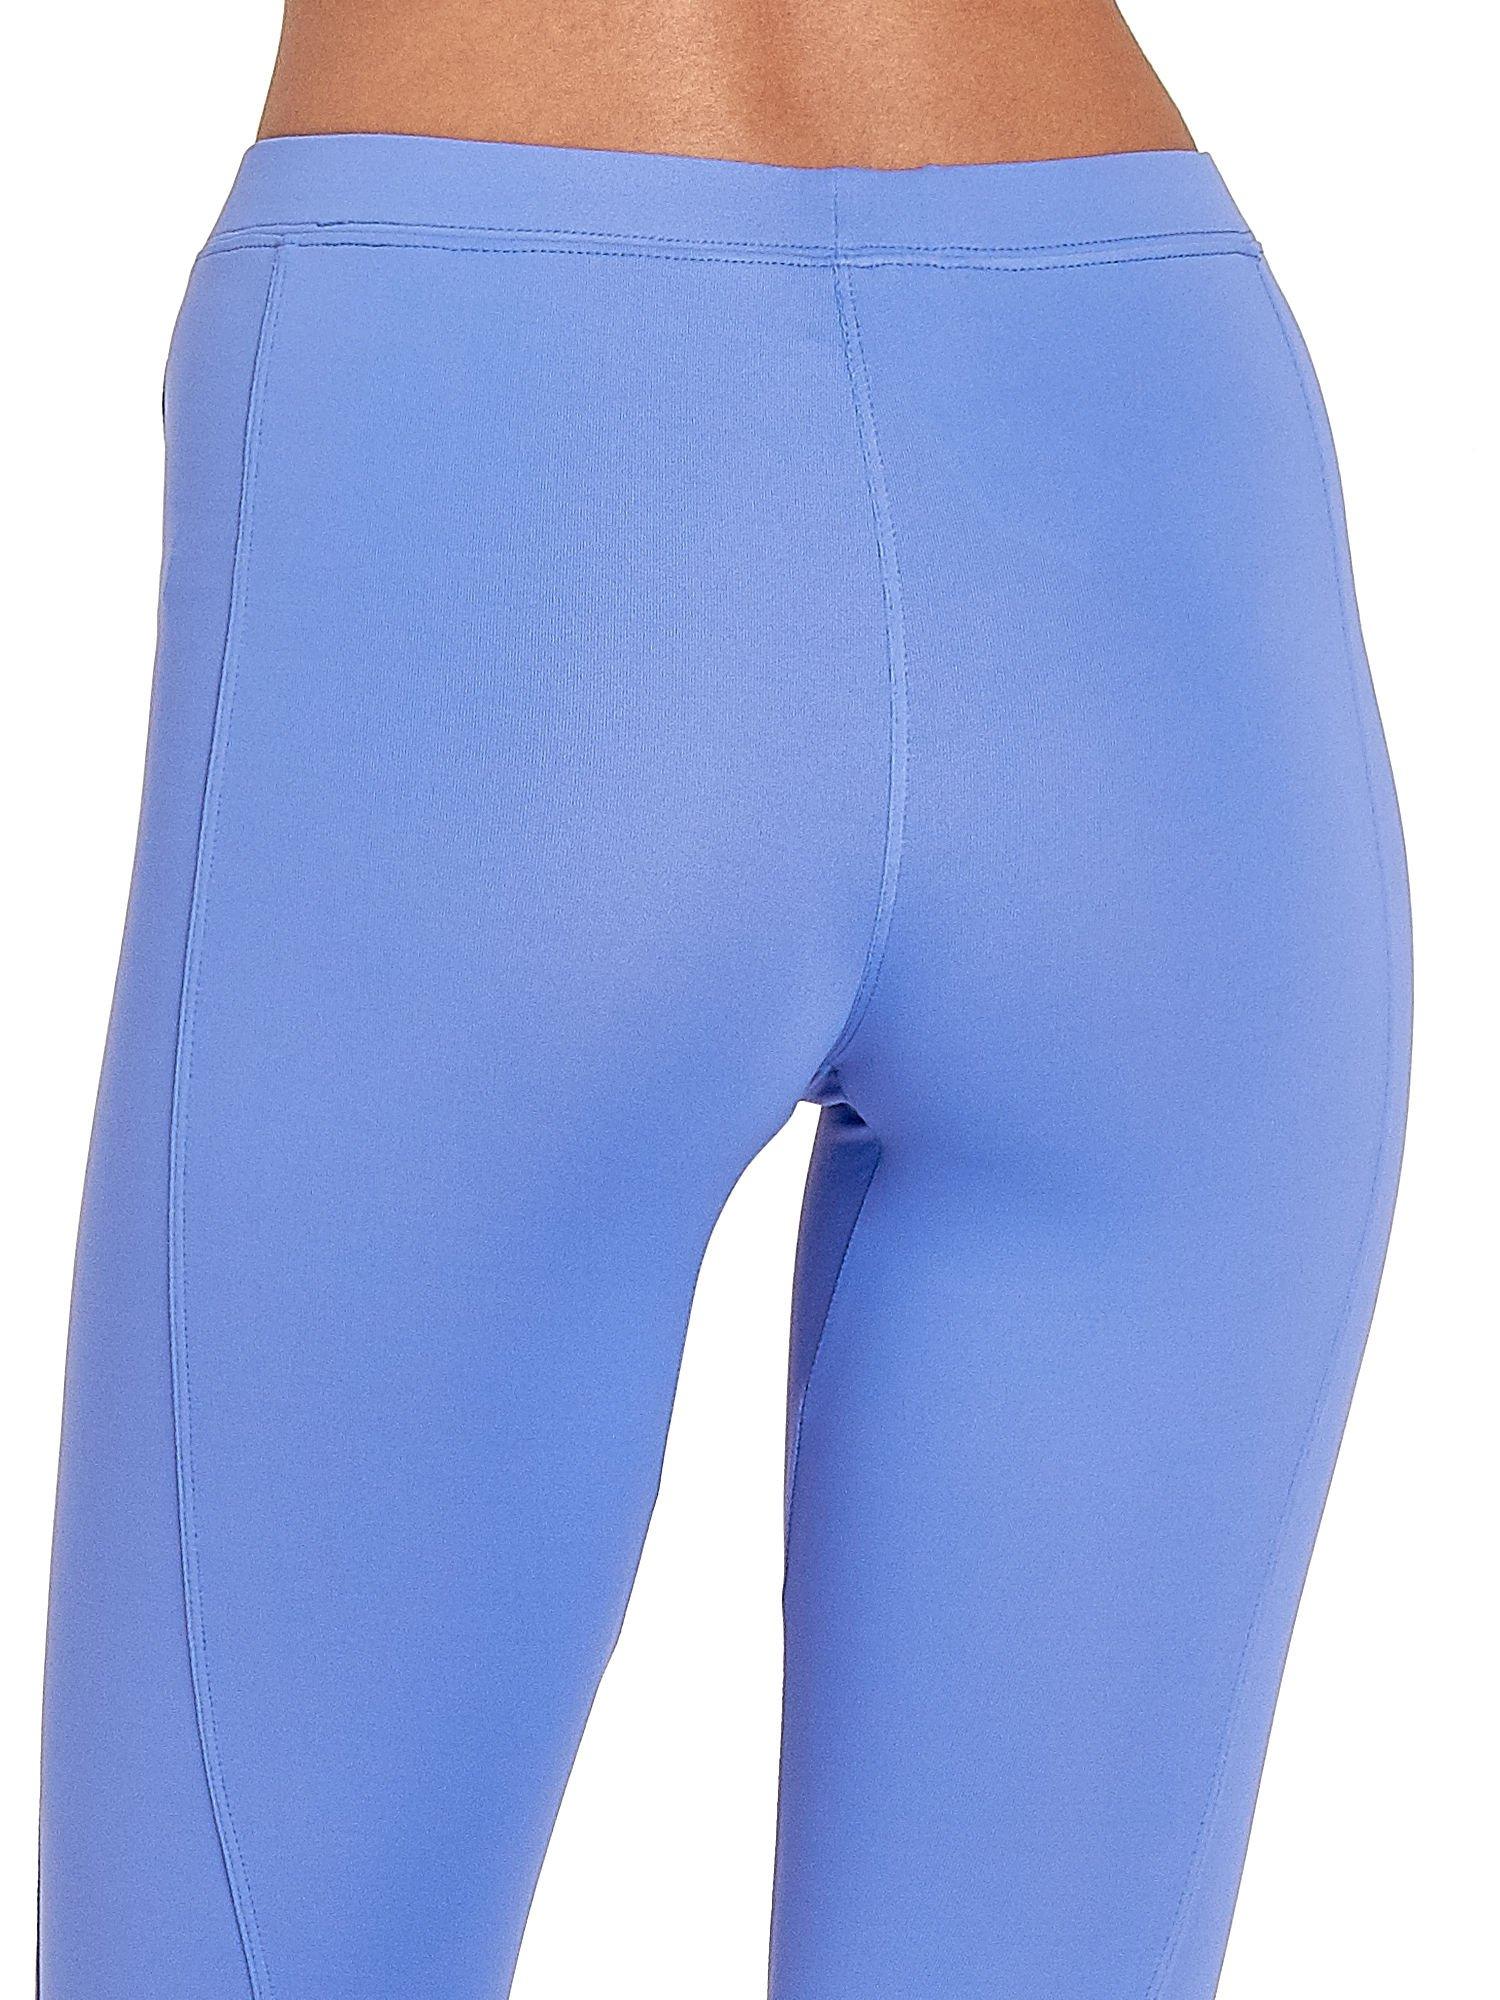 Fioletowe legginsy sportowe termalne z drapowaniem                                  zdj.                                  4